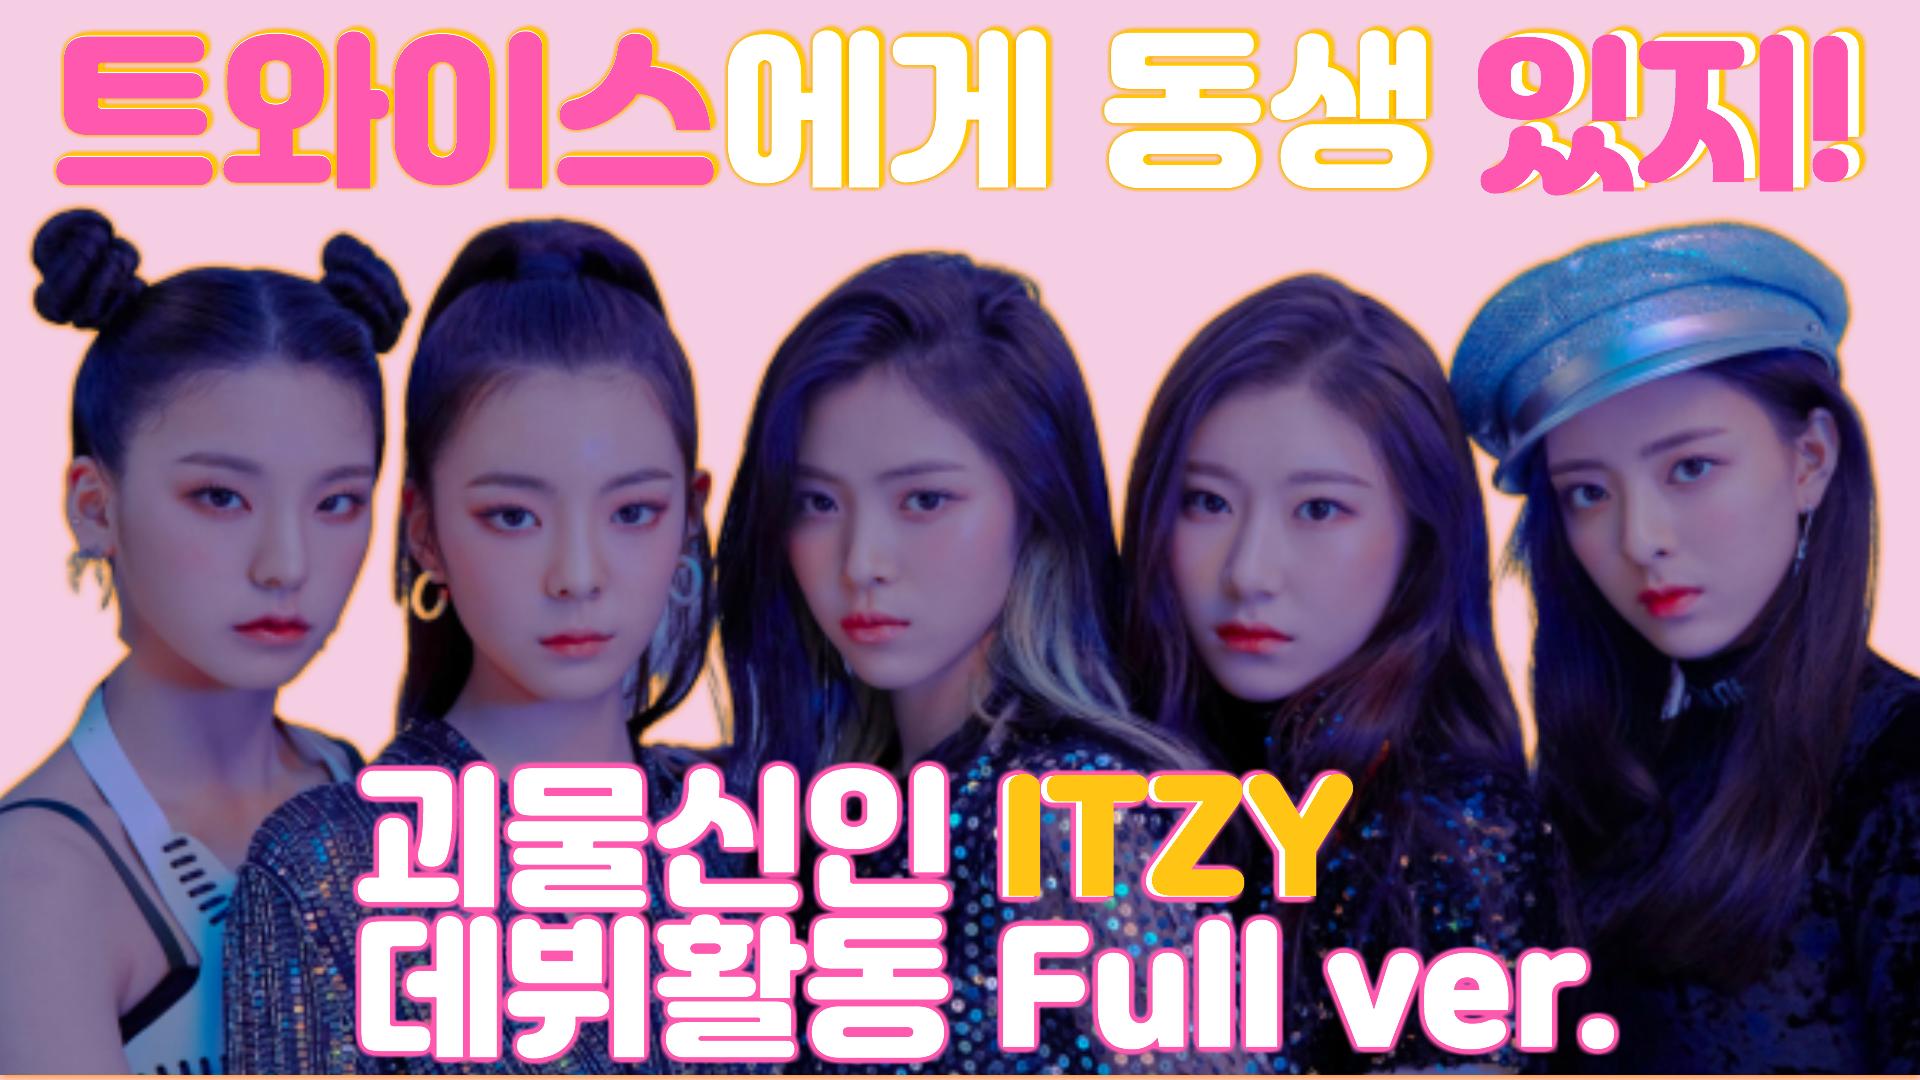 트와이스에게 동생 있지! 괴물 신인 ITZY 데뷔 활동 Full ver.